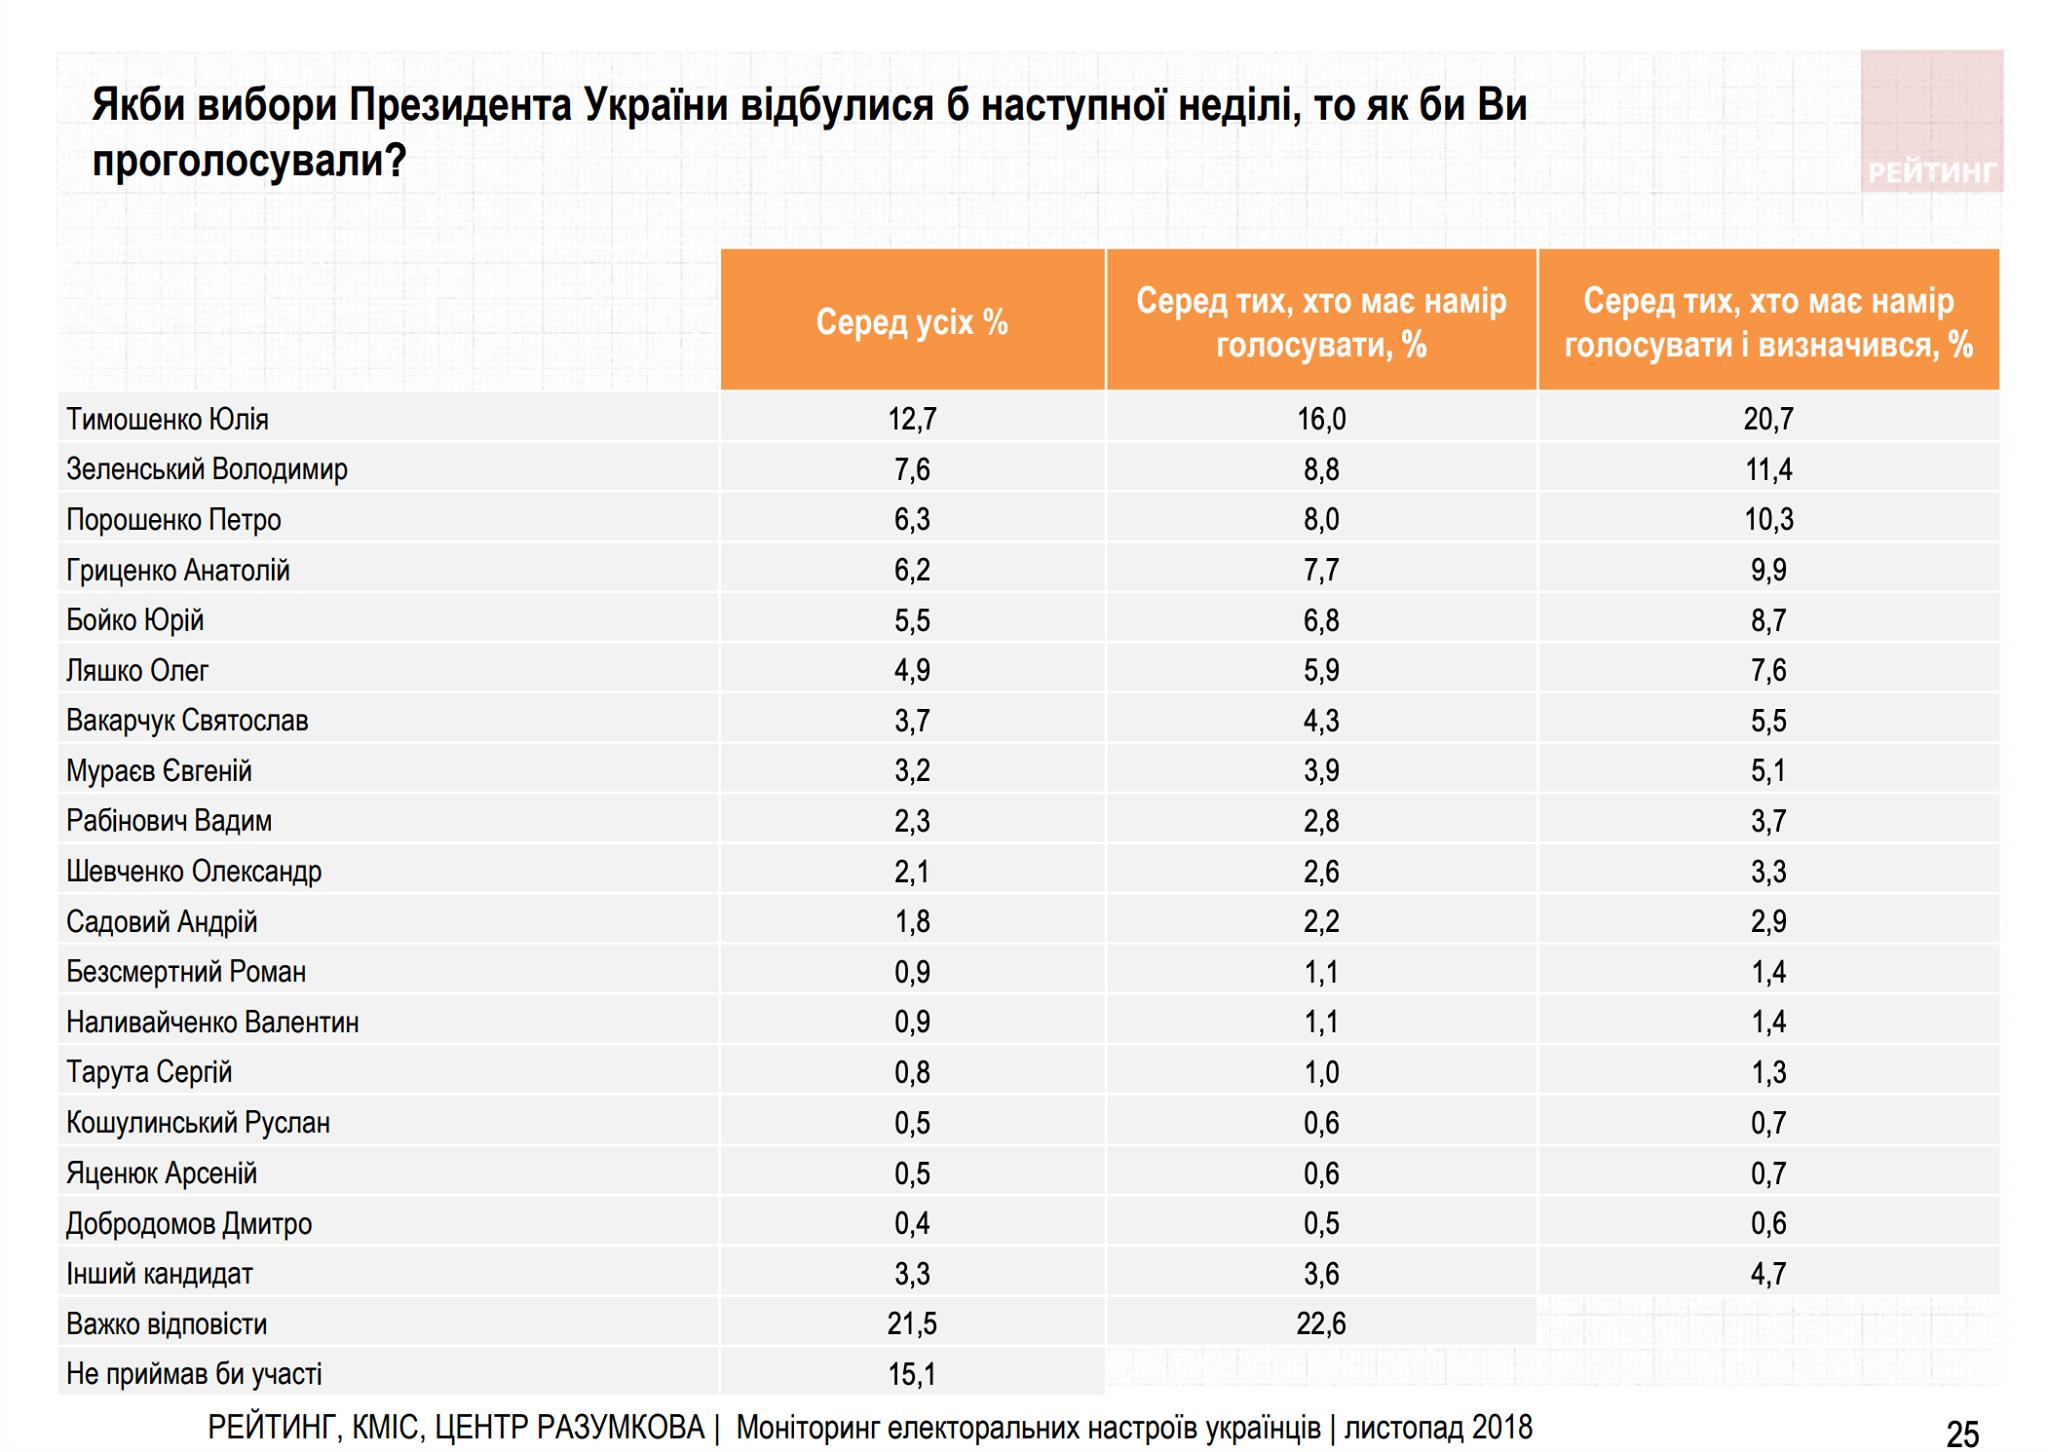 Зеленский выходит во второй тур президентских выборов, - социсследование